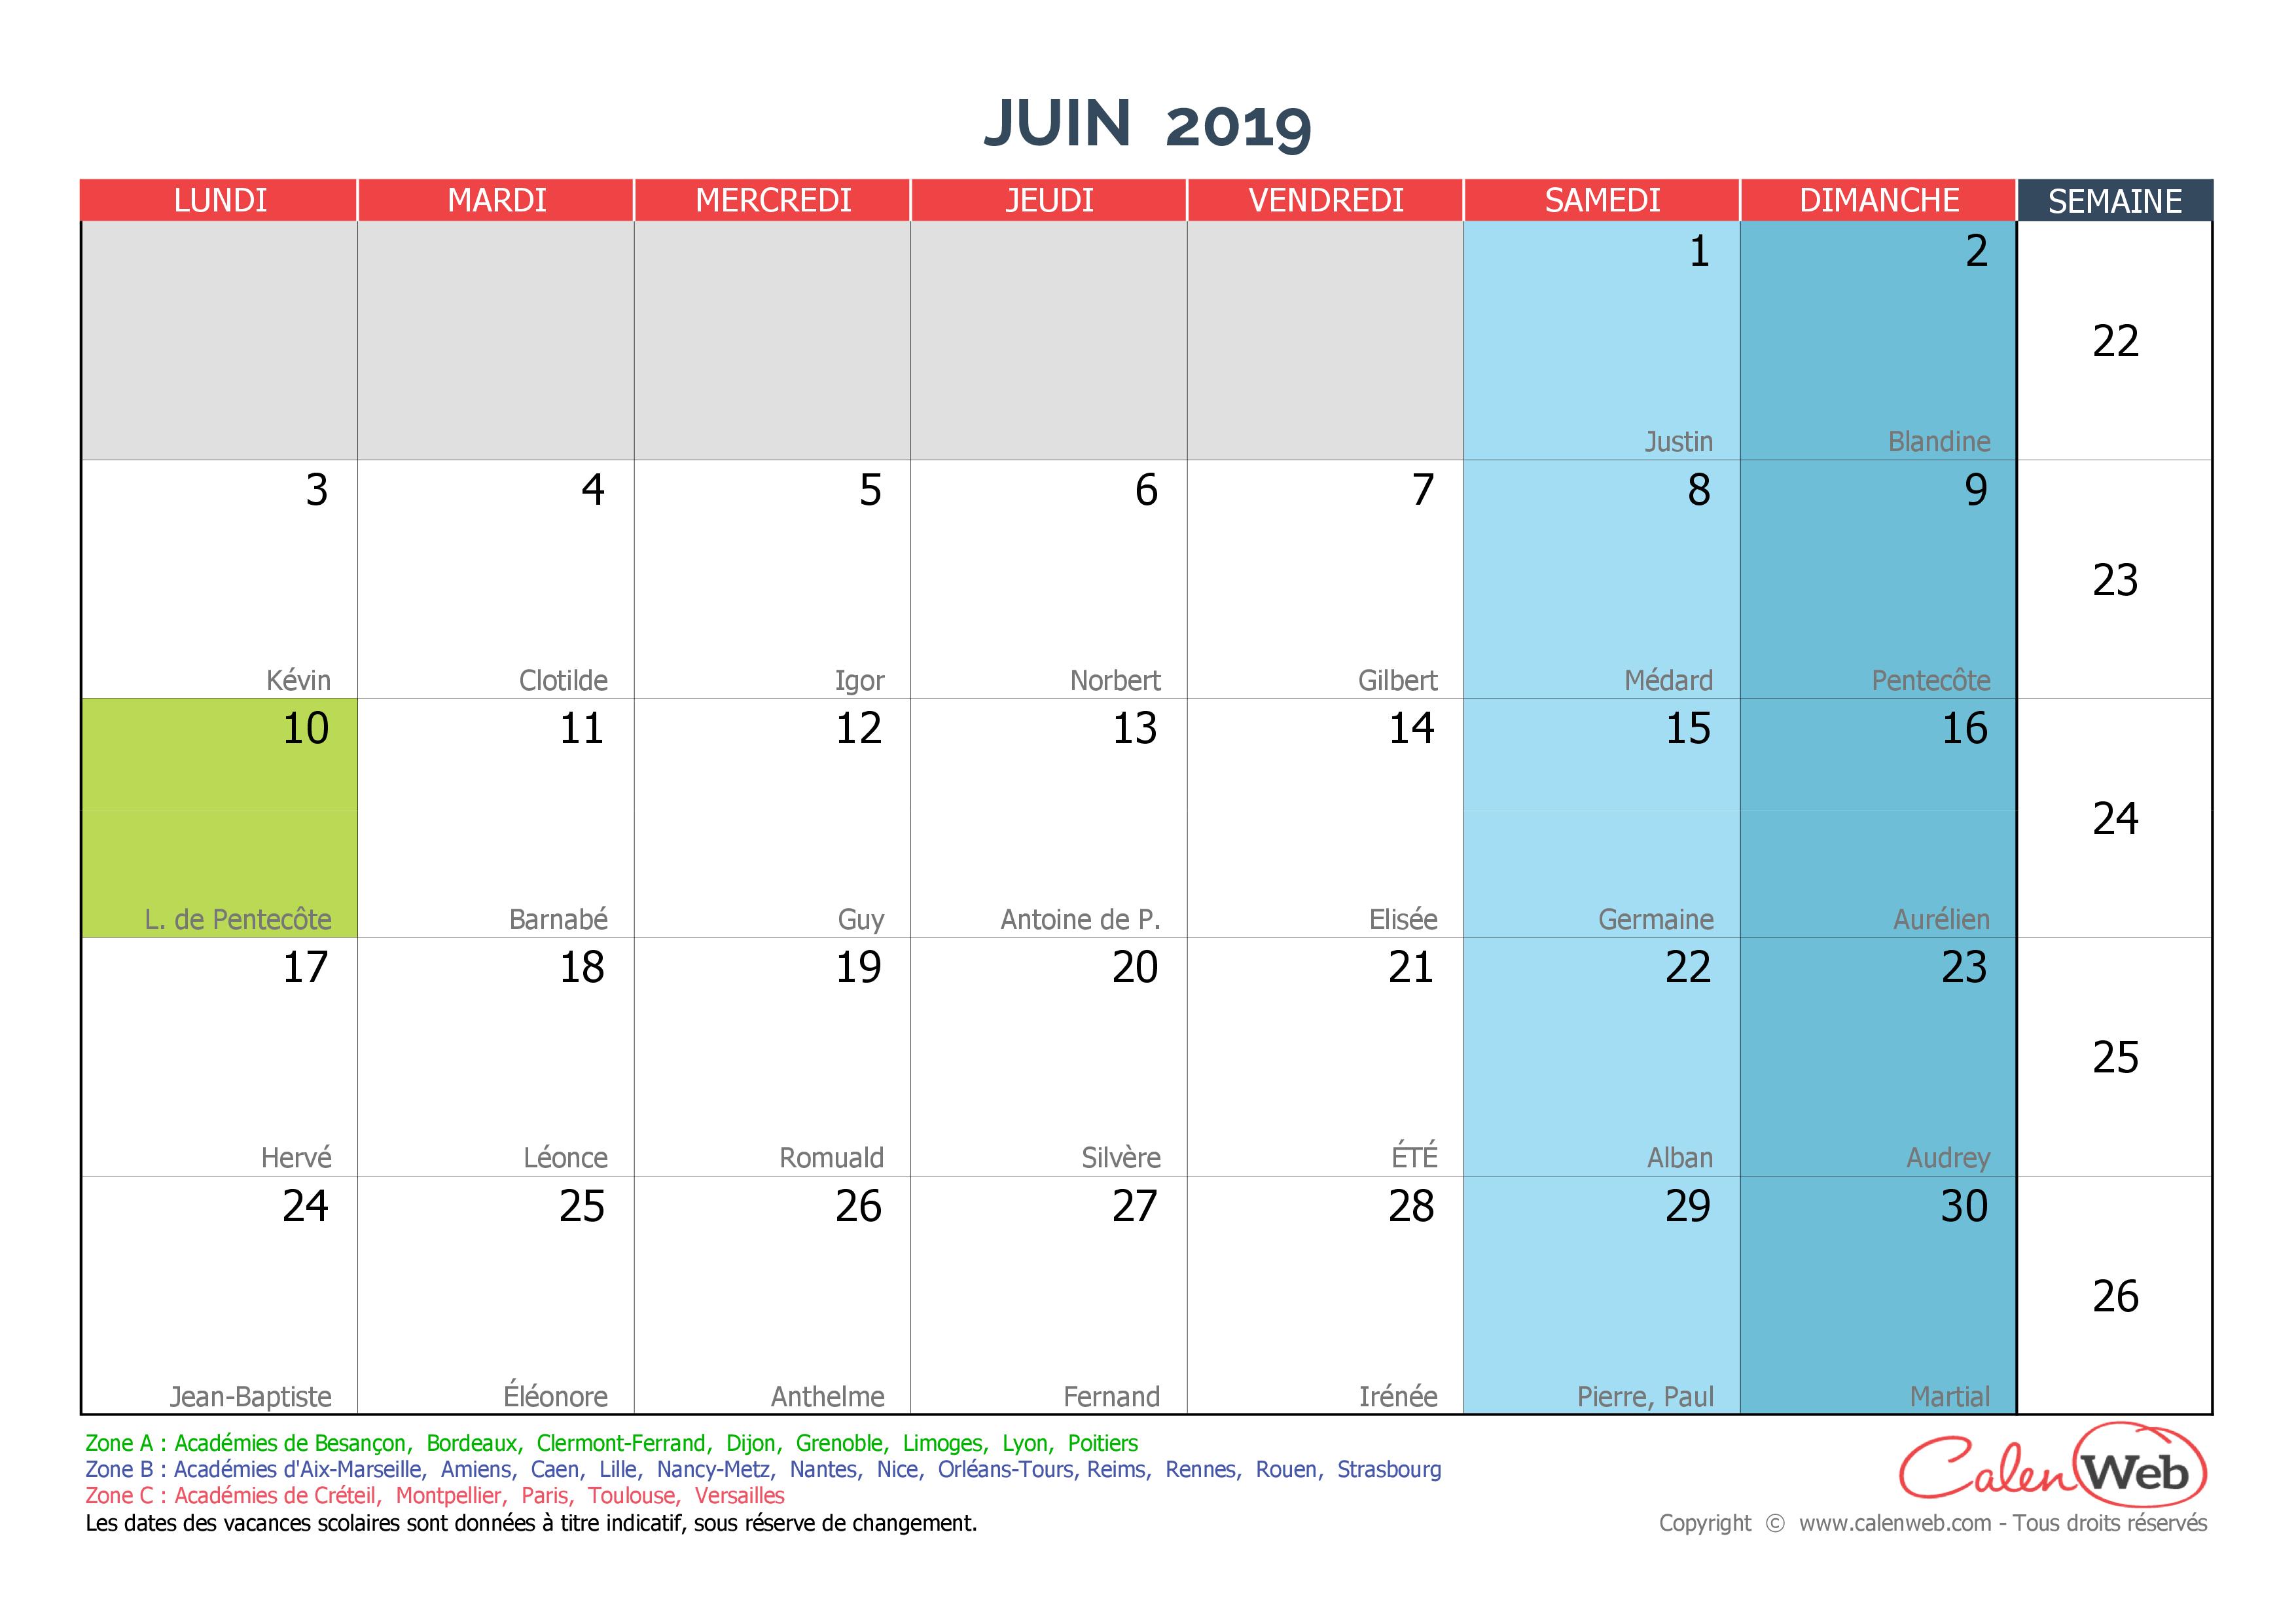 Calendrier Mensuel Juin 2019.Calendrier Mensuel Mois De Juin 2019 Avec Fetes Jours